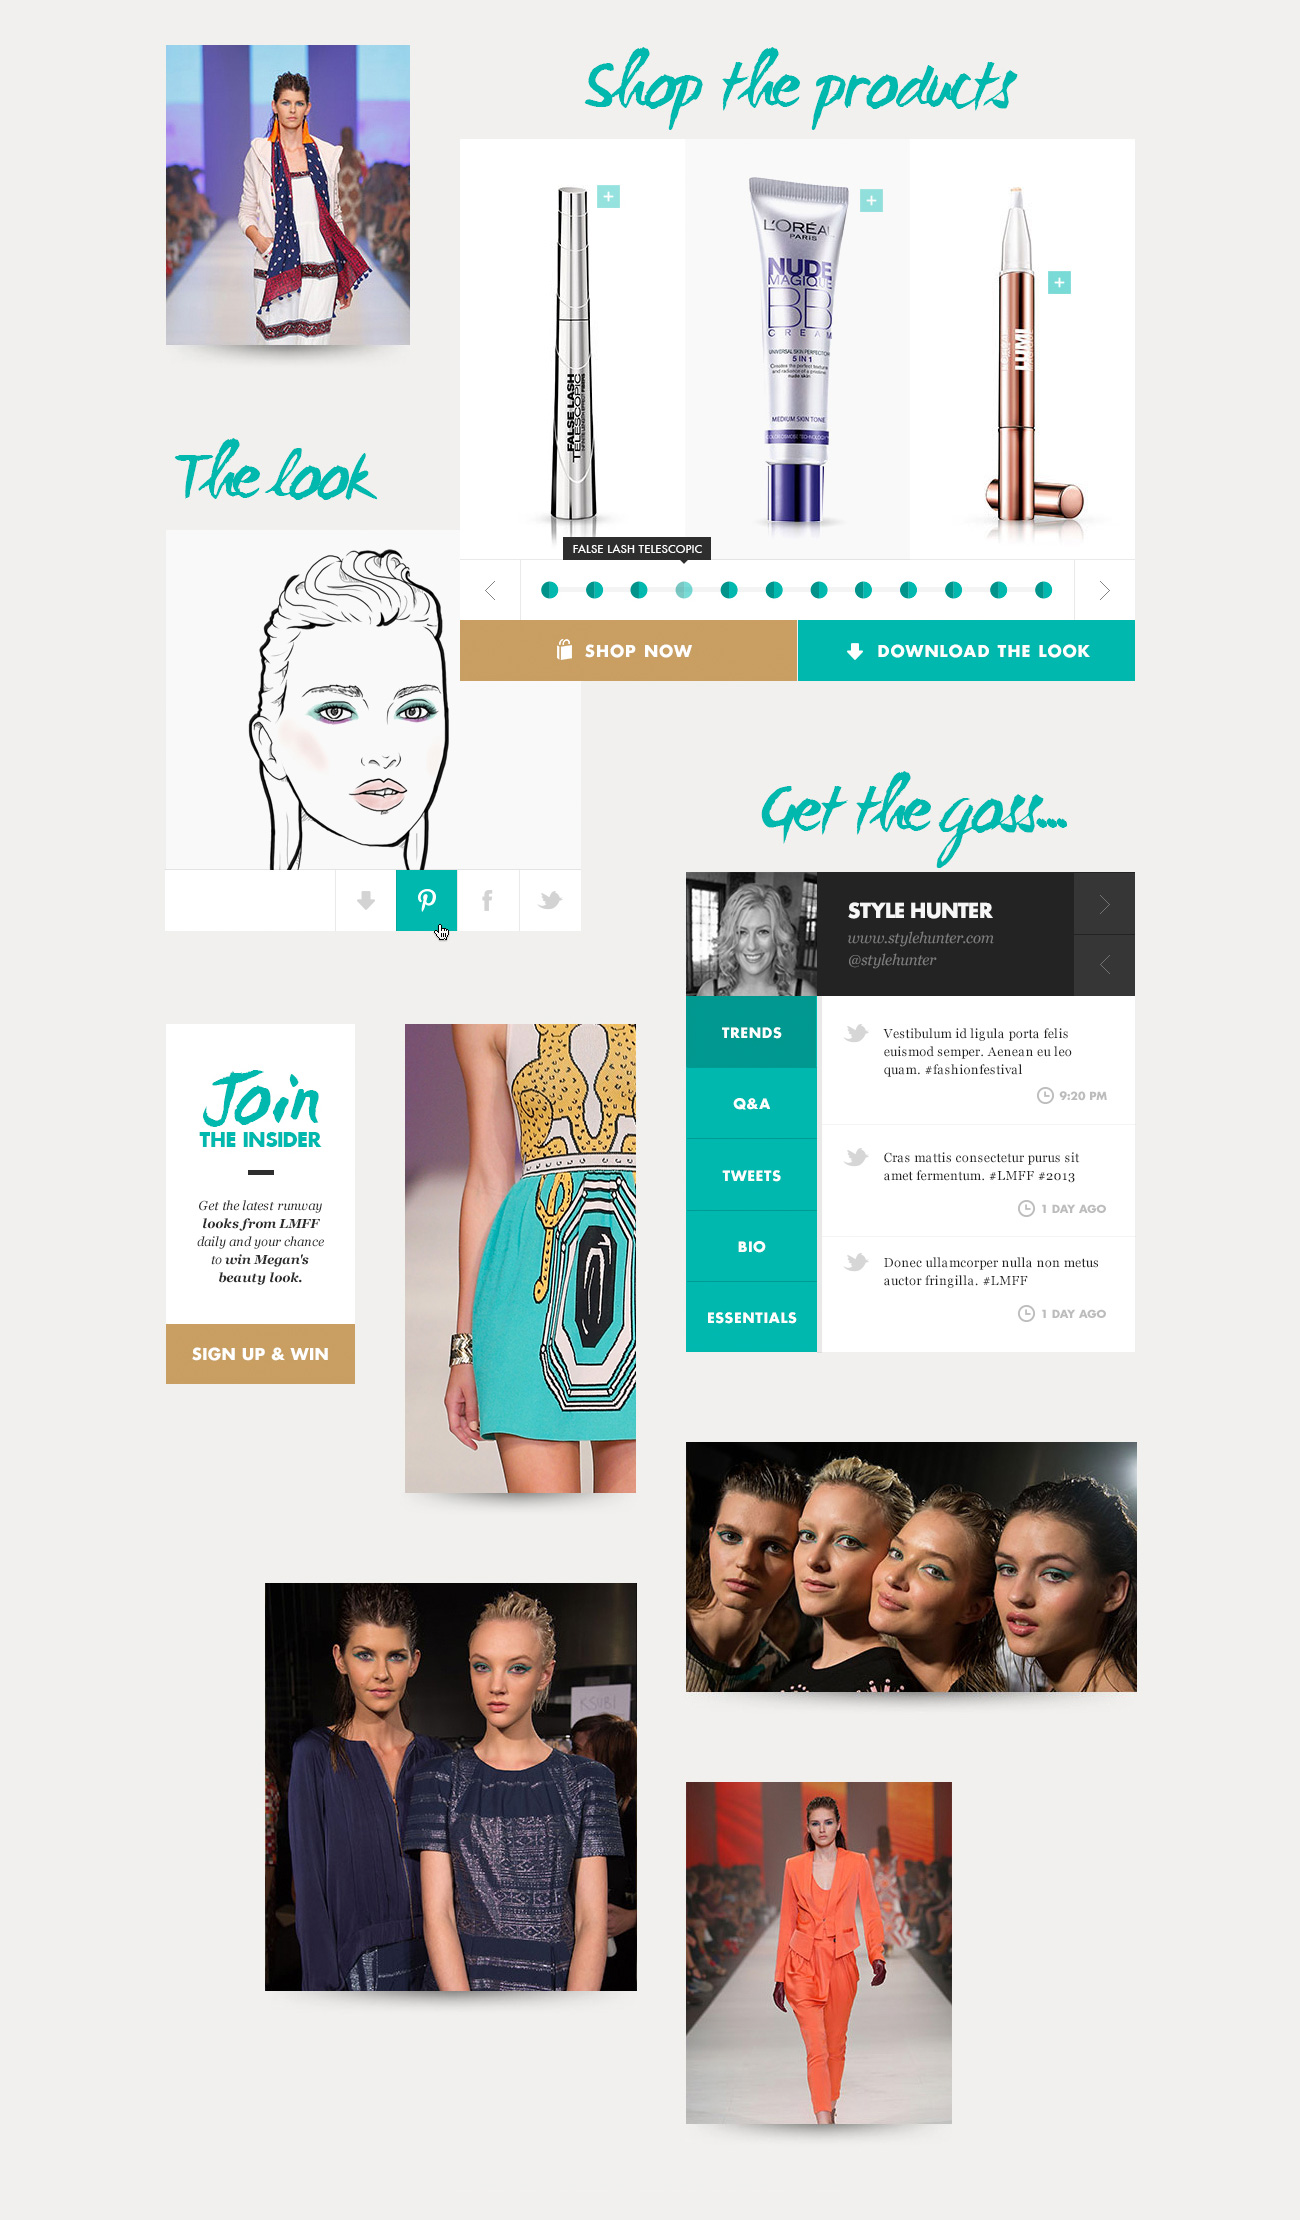 欧莱雅网站用户界面设计图片